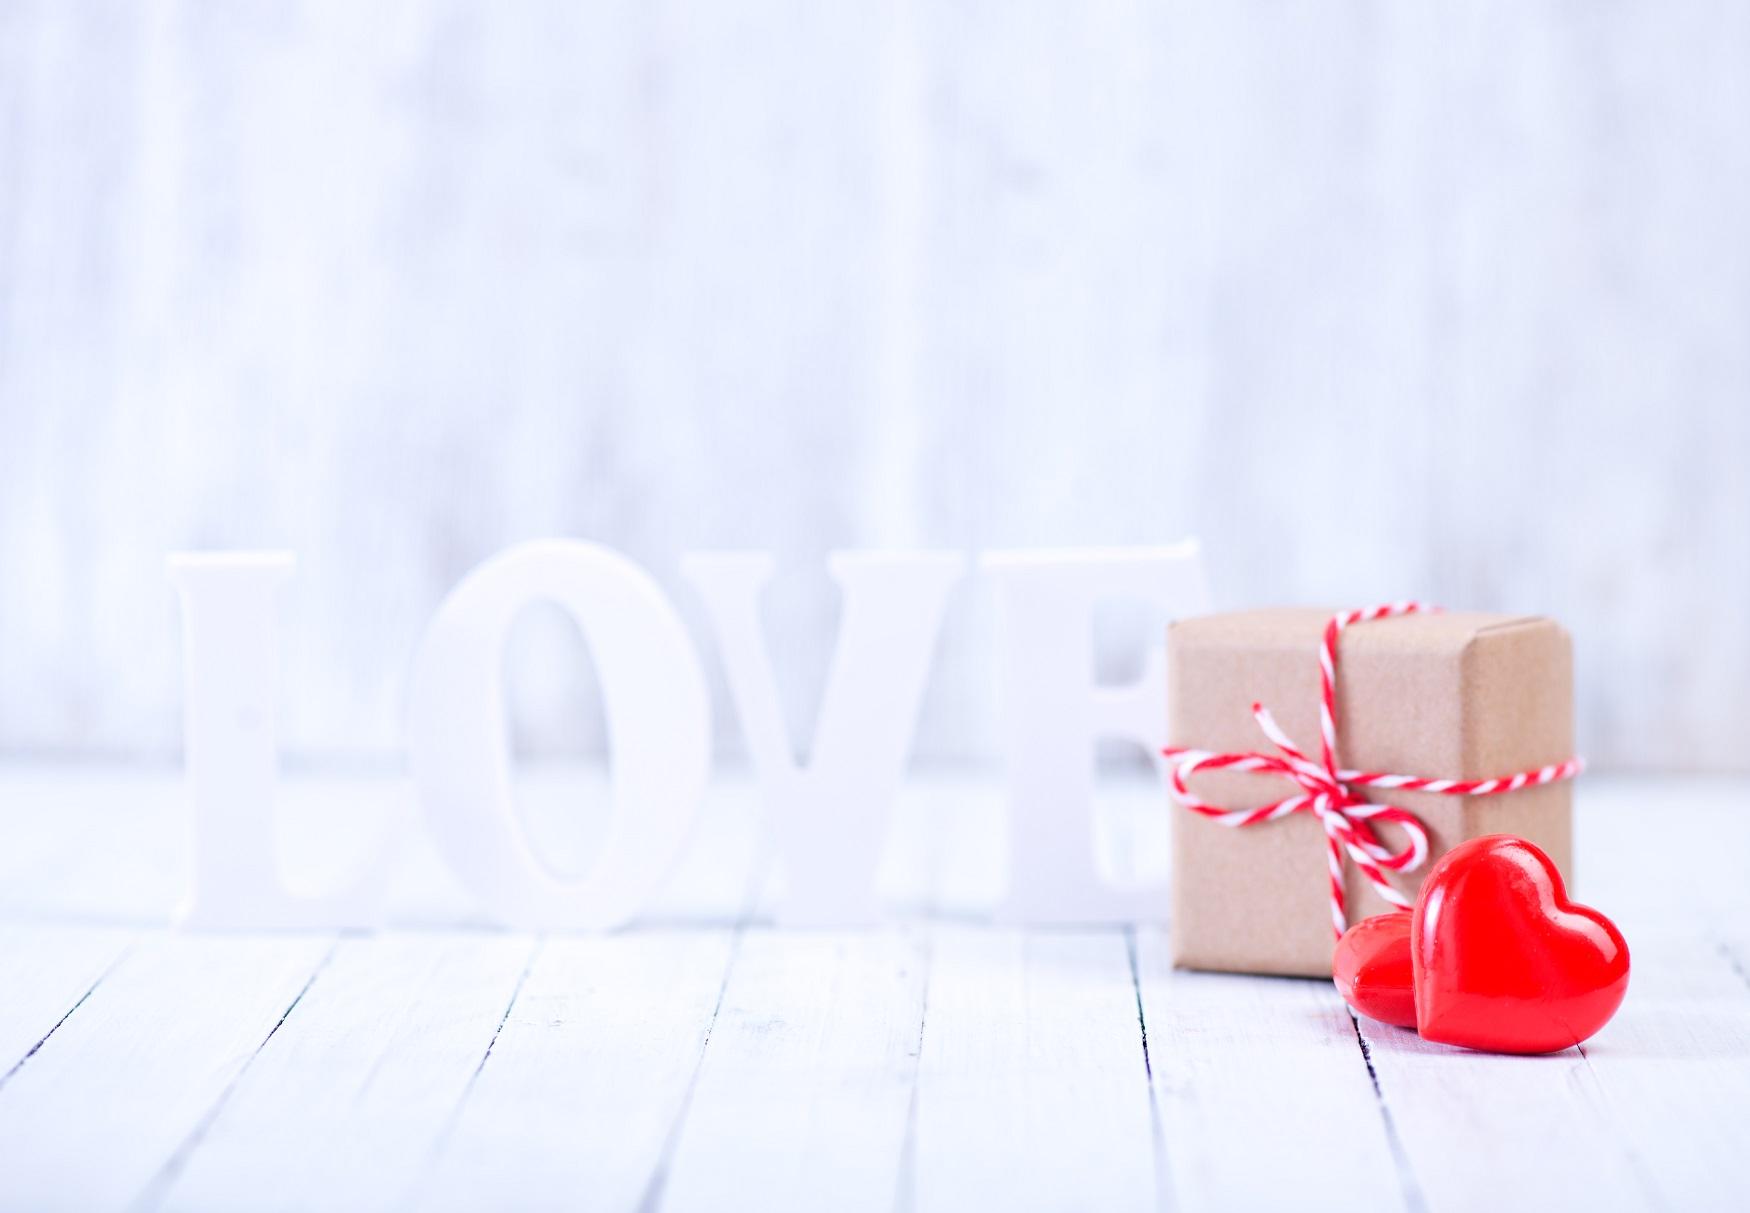 自分たちの結婚式でも、友人の結婚お祝いメッセージでも、日本語だけではなく、英語のフレーズでスマートに表現できると素敵ですよね。